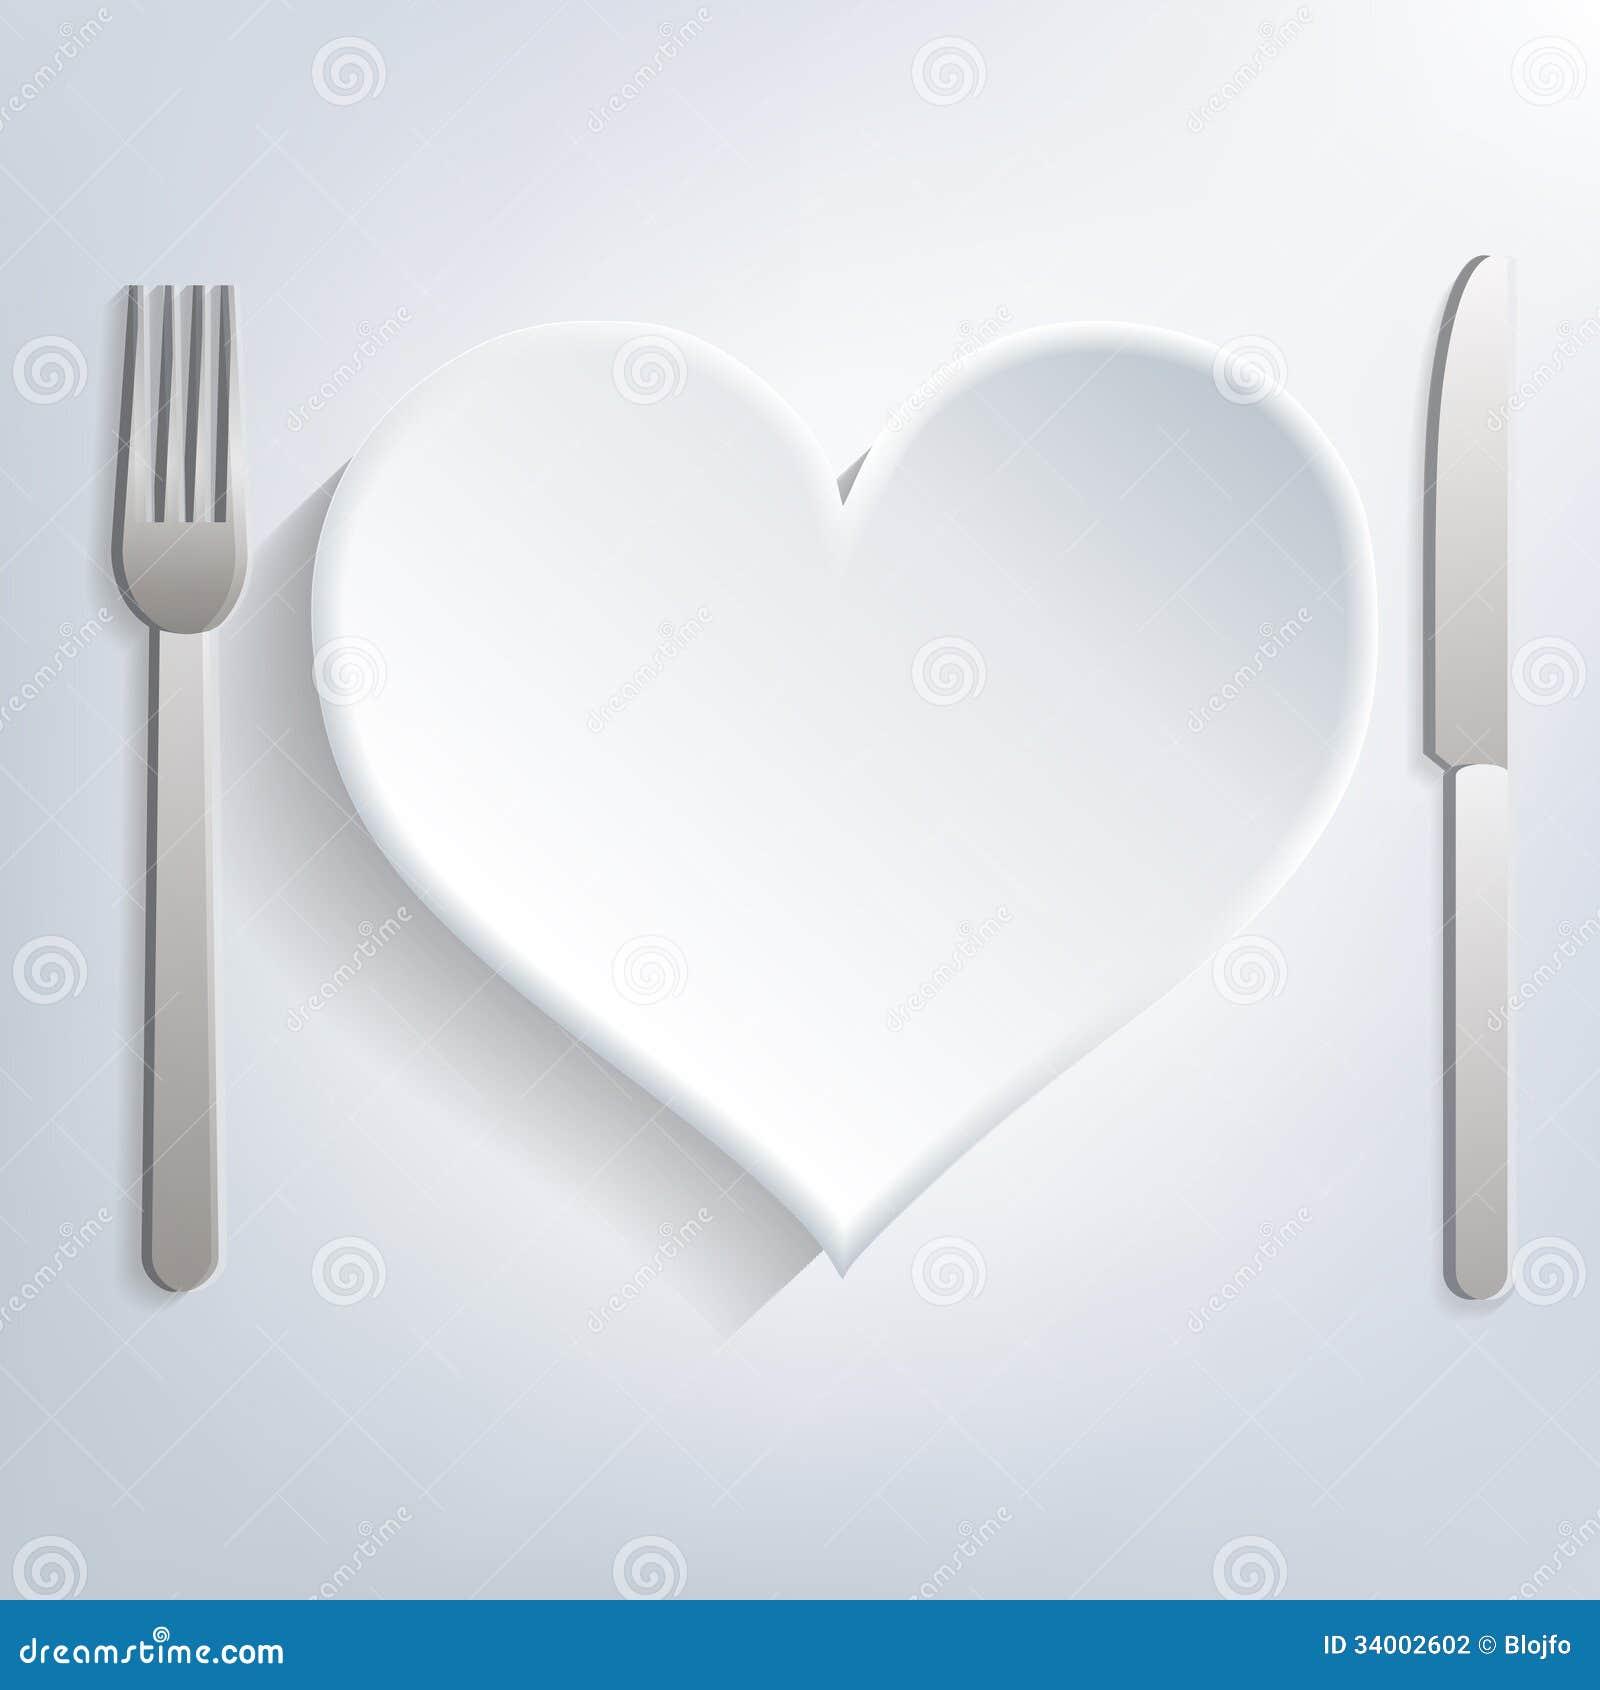 Love food  sc 1 st  Dreamstime.com & Love food stock vector. Illustration of dishware knife - 34002602